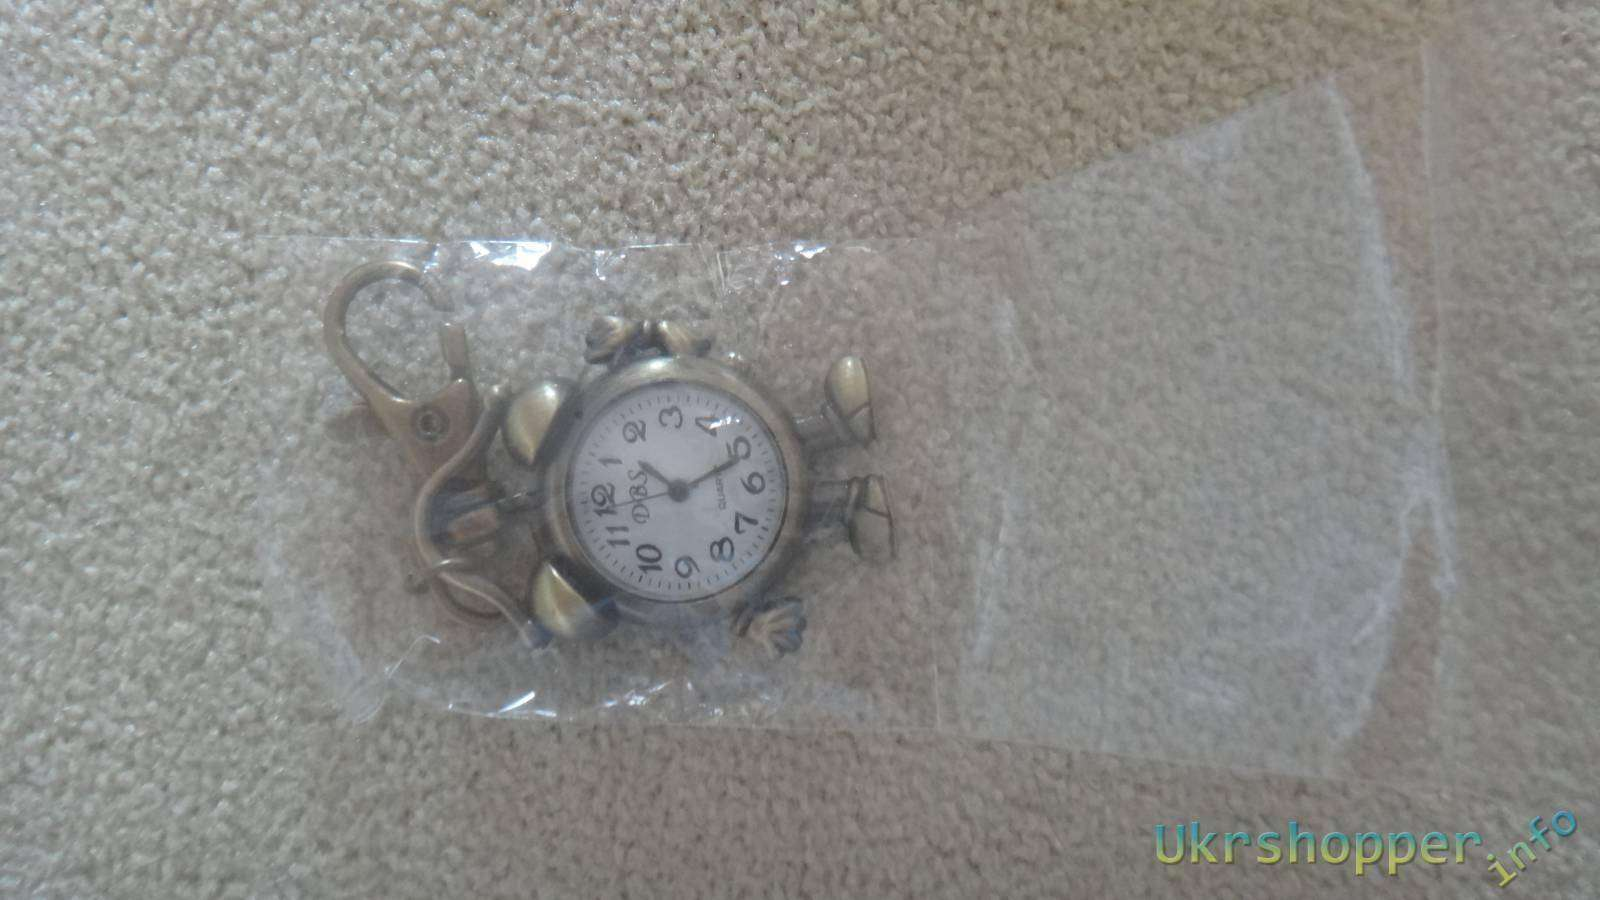 Comebuy.com: Обзор часов-брелка 'Будильник'